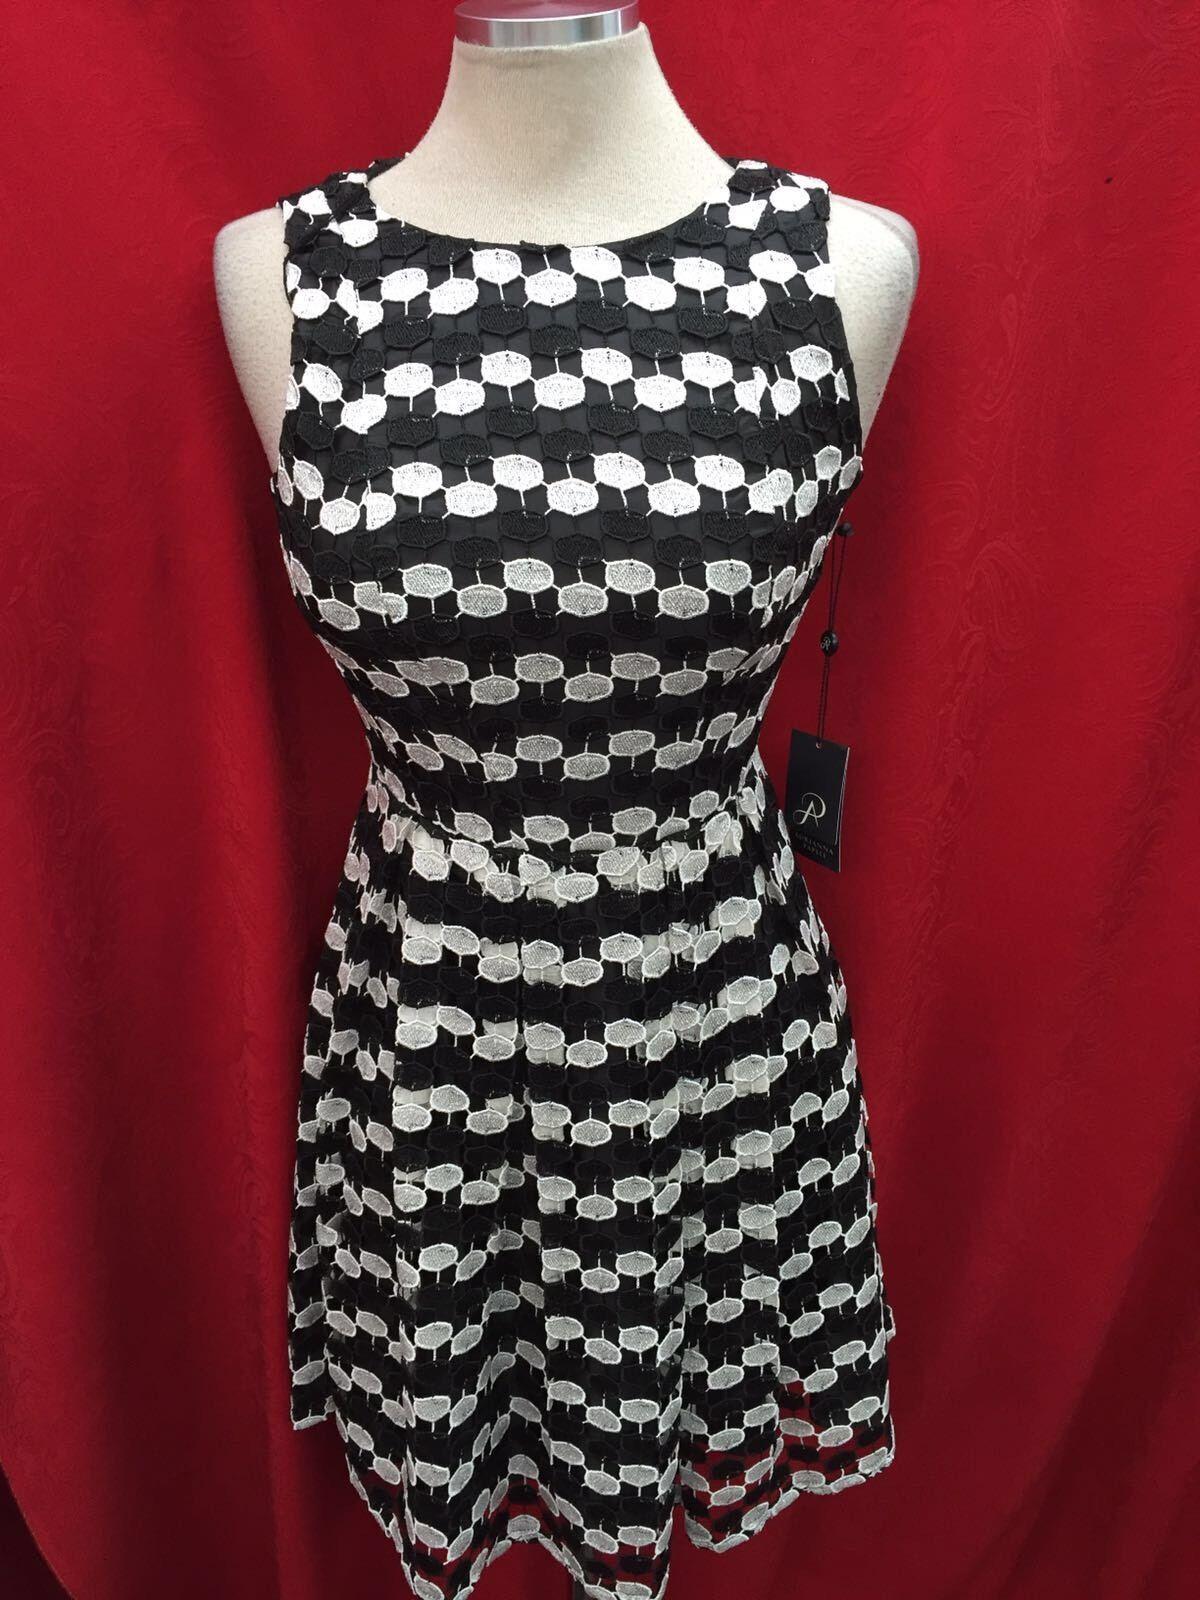 Adrianna Papell Kleid   Größe16     Neu mit Etikett   Länge 39 9a6384